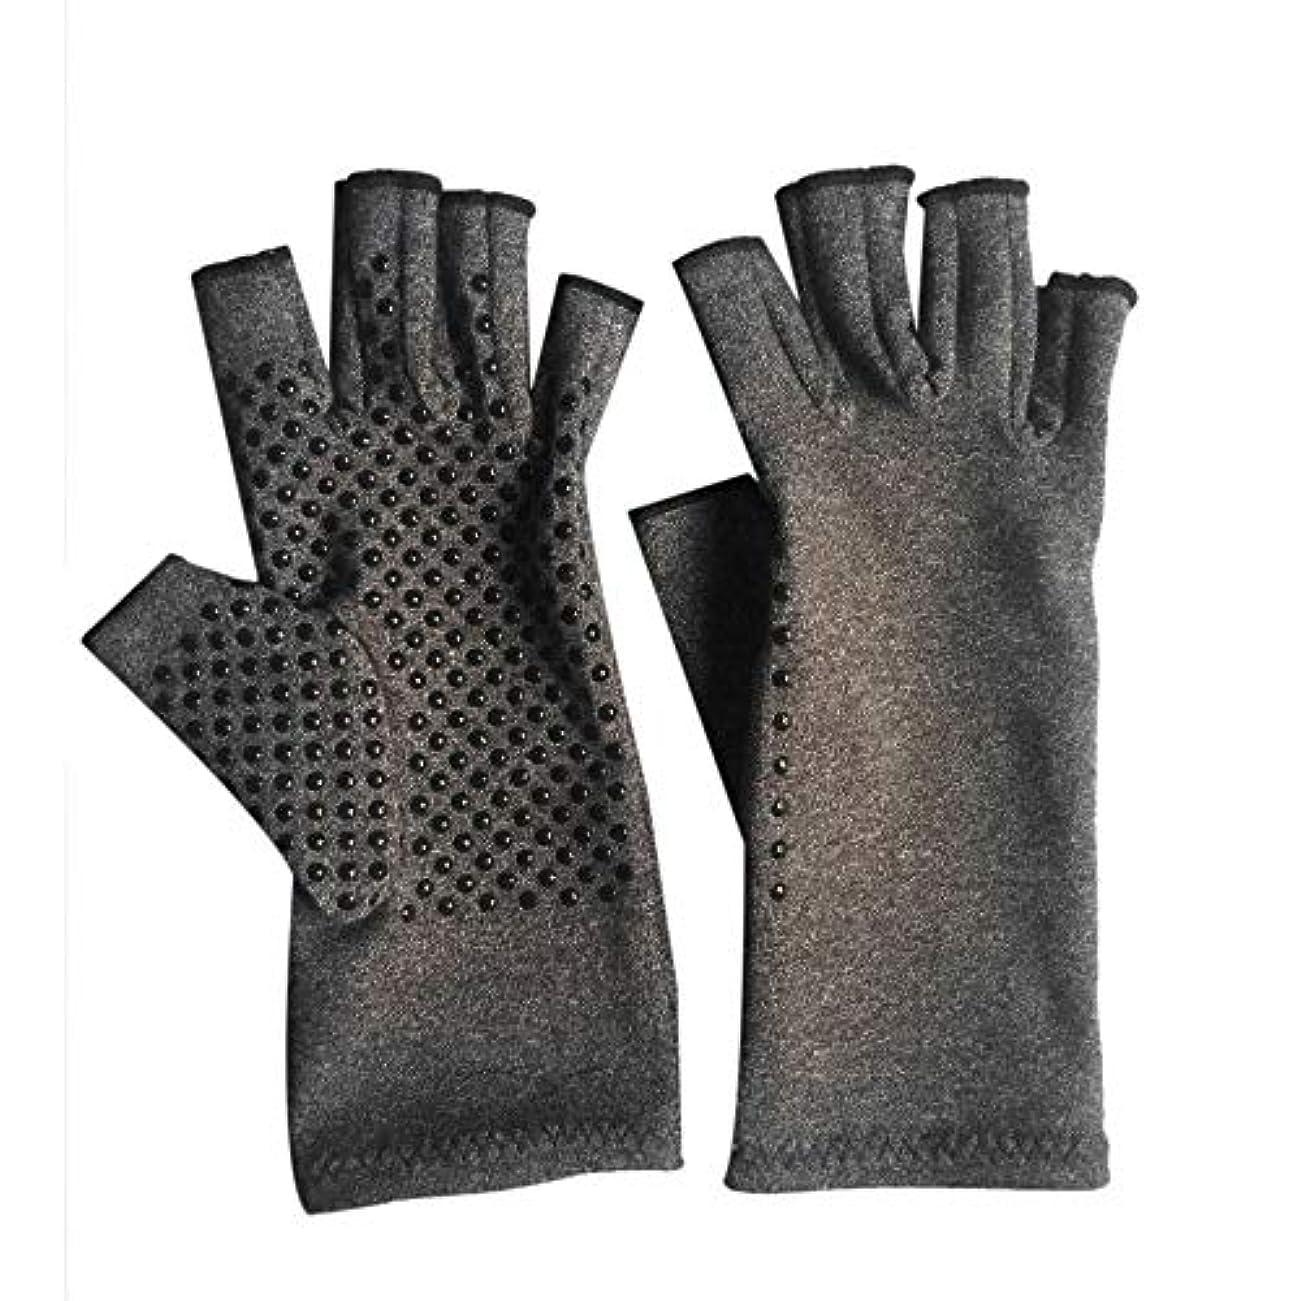 抽象在庫推測1ペアユニセックス男性女性療法圧縮手袋関節炎関節痛緩和ヘルスケア半指手袋トレーニング手袋 - グレーM